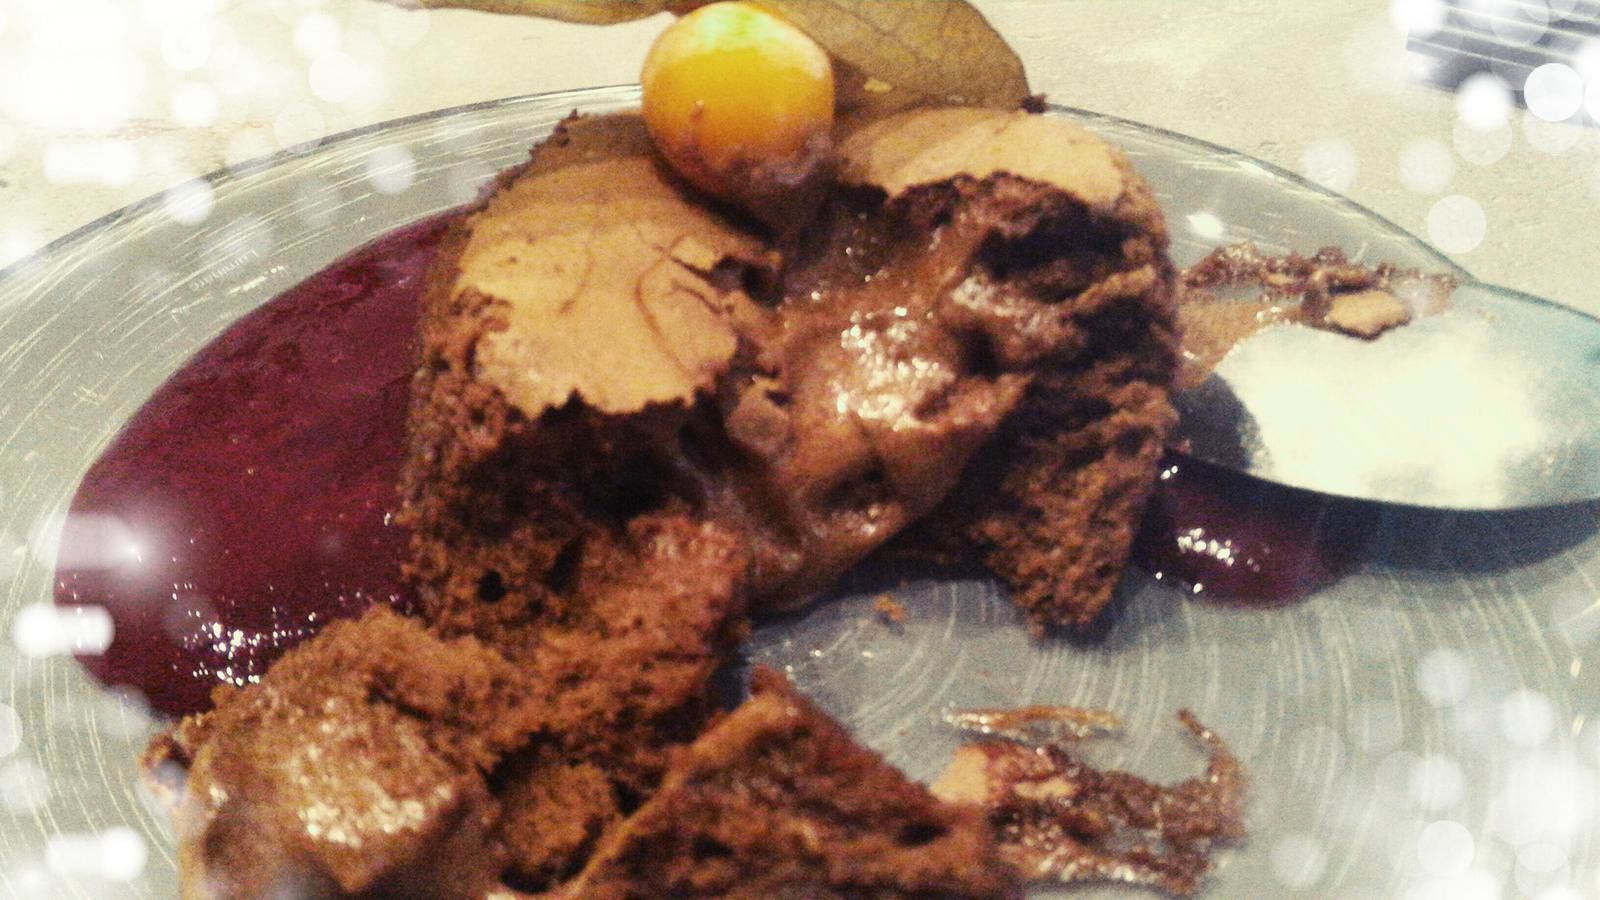 COULANT AU CHOCOLAT - ENCYCLOPEDIE DU CHOCOLAT VALRHONA